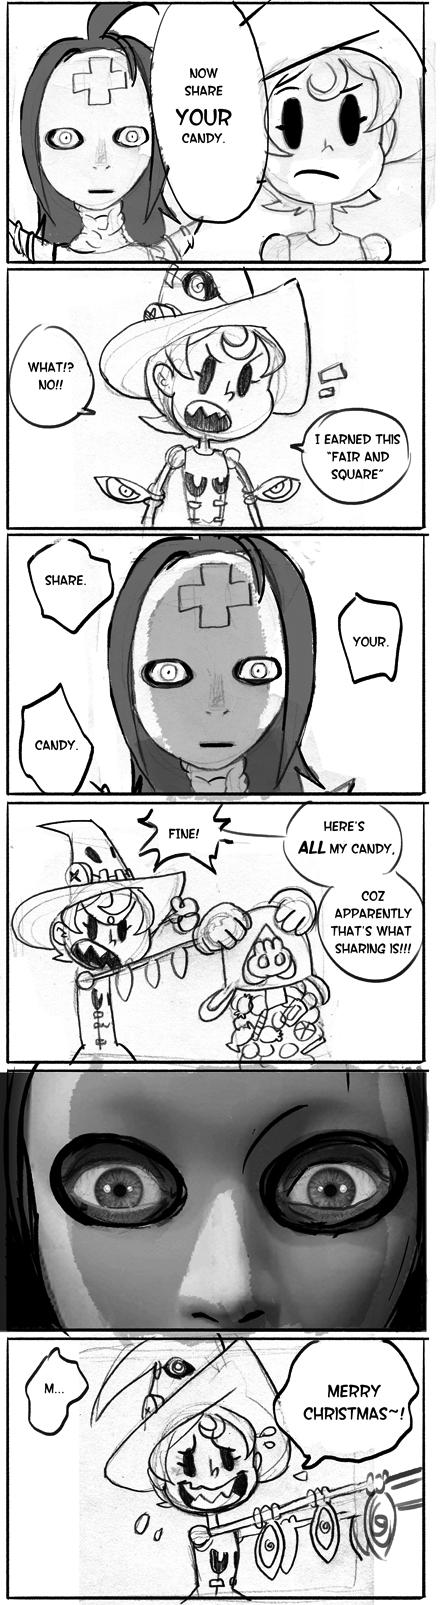 Skullgirls Halloween comic 3 - Skullgirls Photo (32899961 ... - photo#47